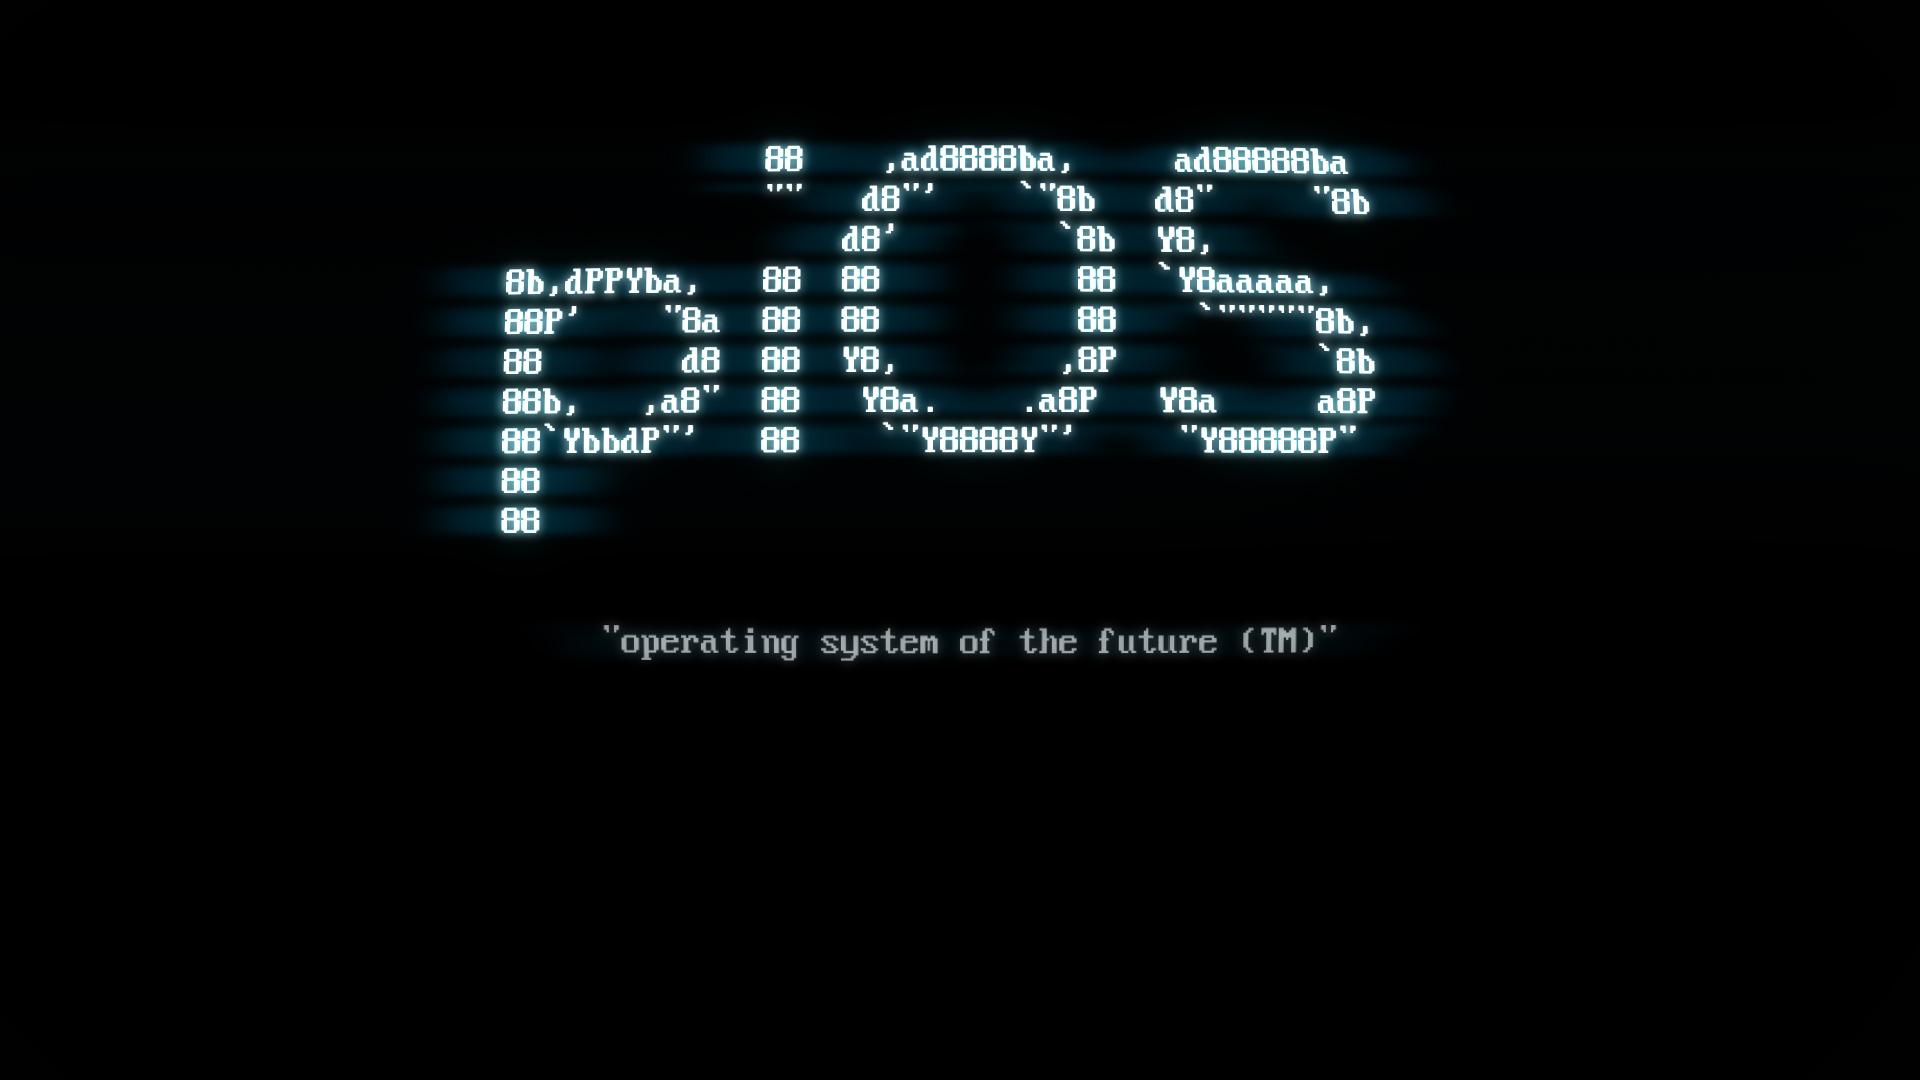 模拟计算机启动时的 BIOS